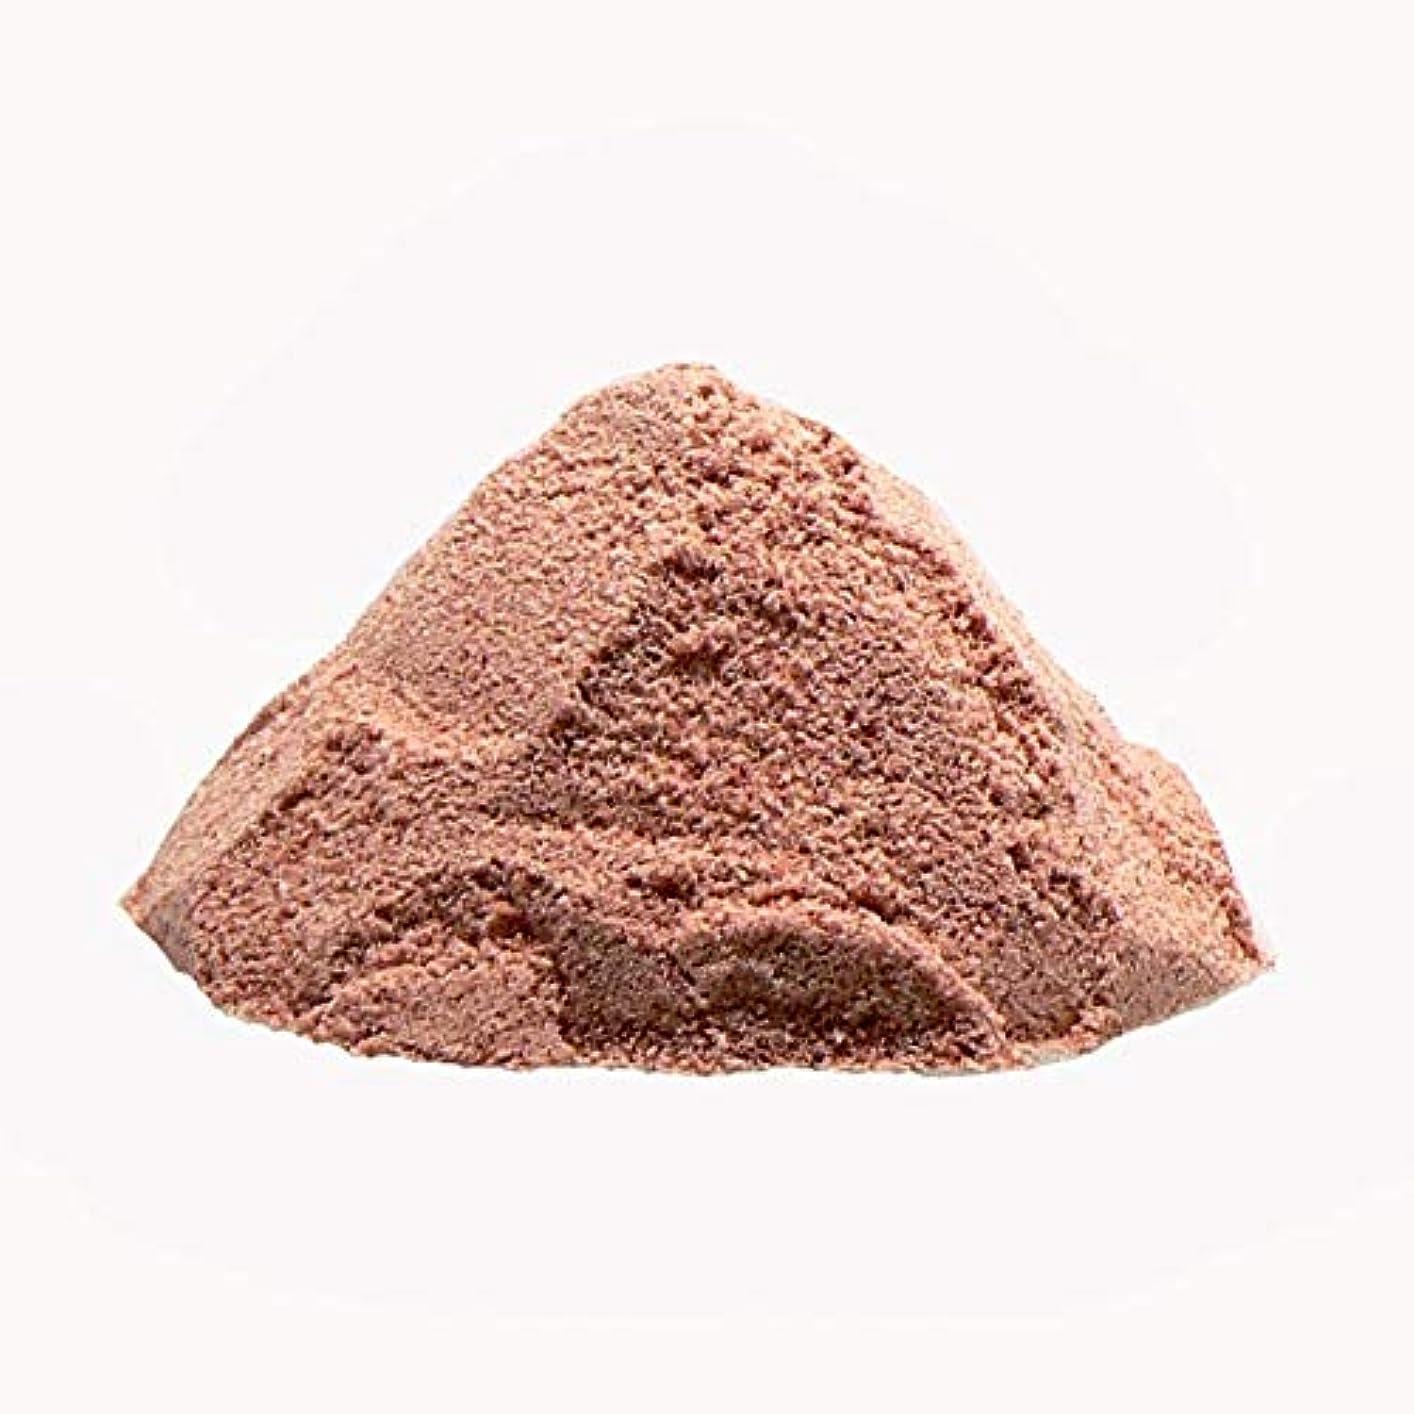 件名厳しい排気ヒマラヤ岩塩 プレミアム ルビーソルト バスソルト(パウダー)ネパール産 ルビー岩塩 (600g×2個セット)